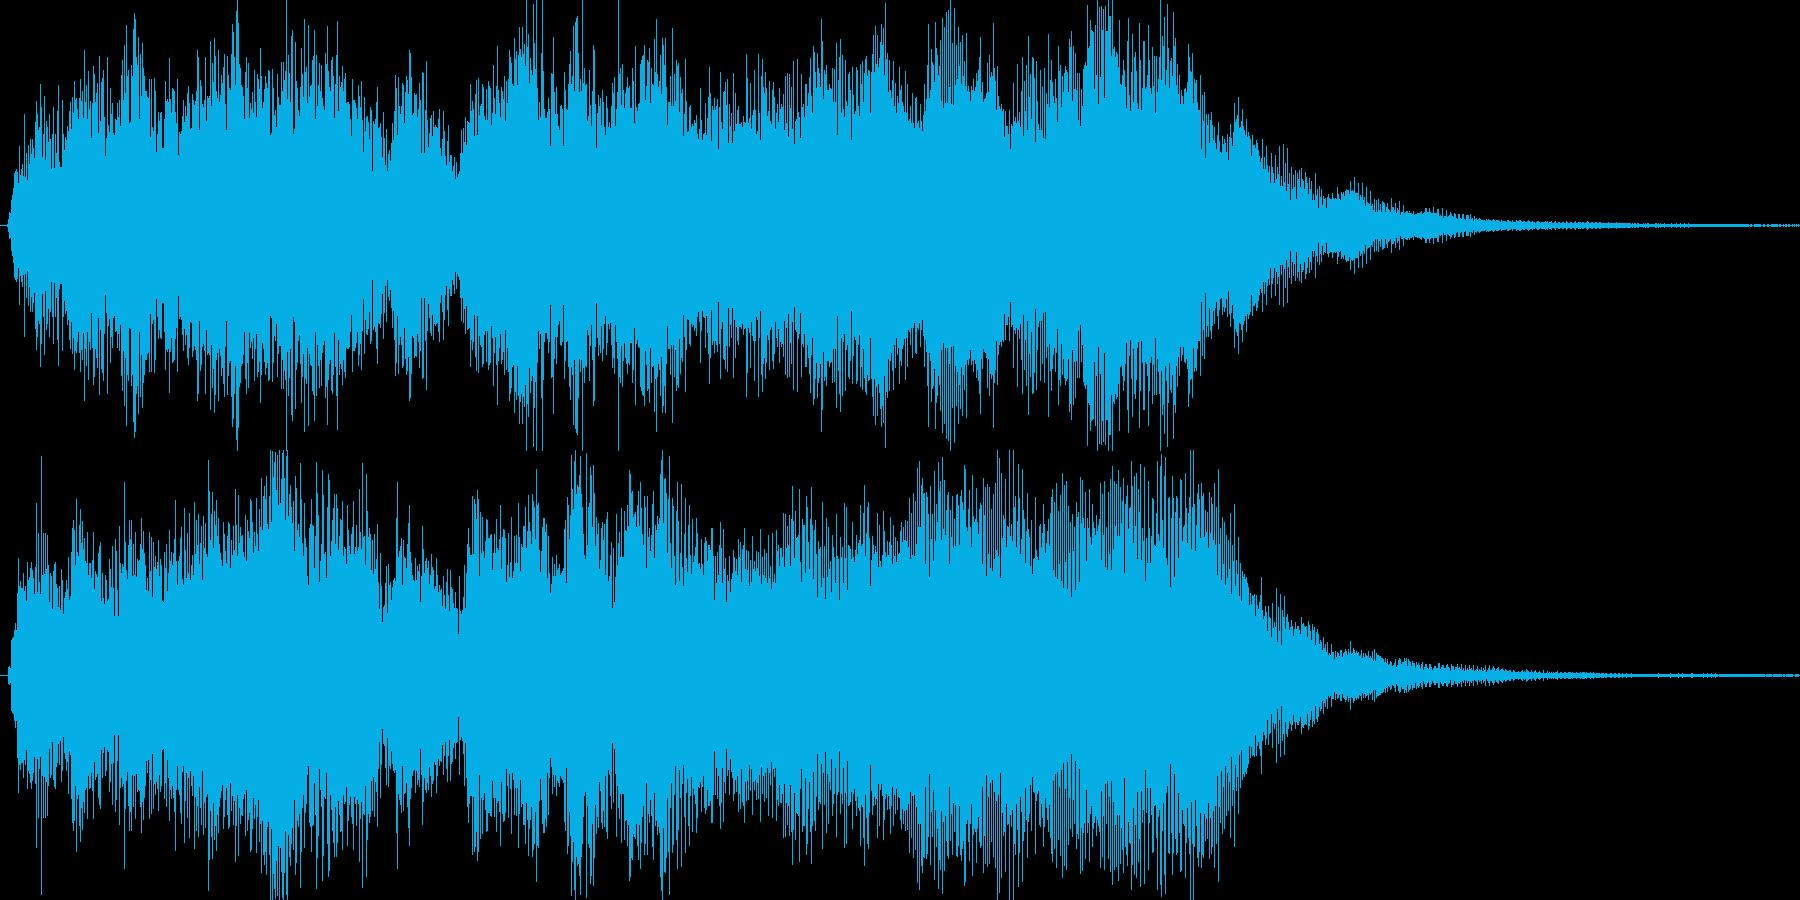 オーケストラによる豪華なジングルの再生済みの波形